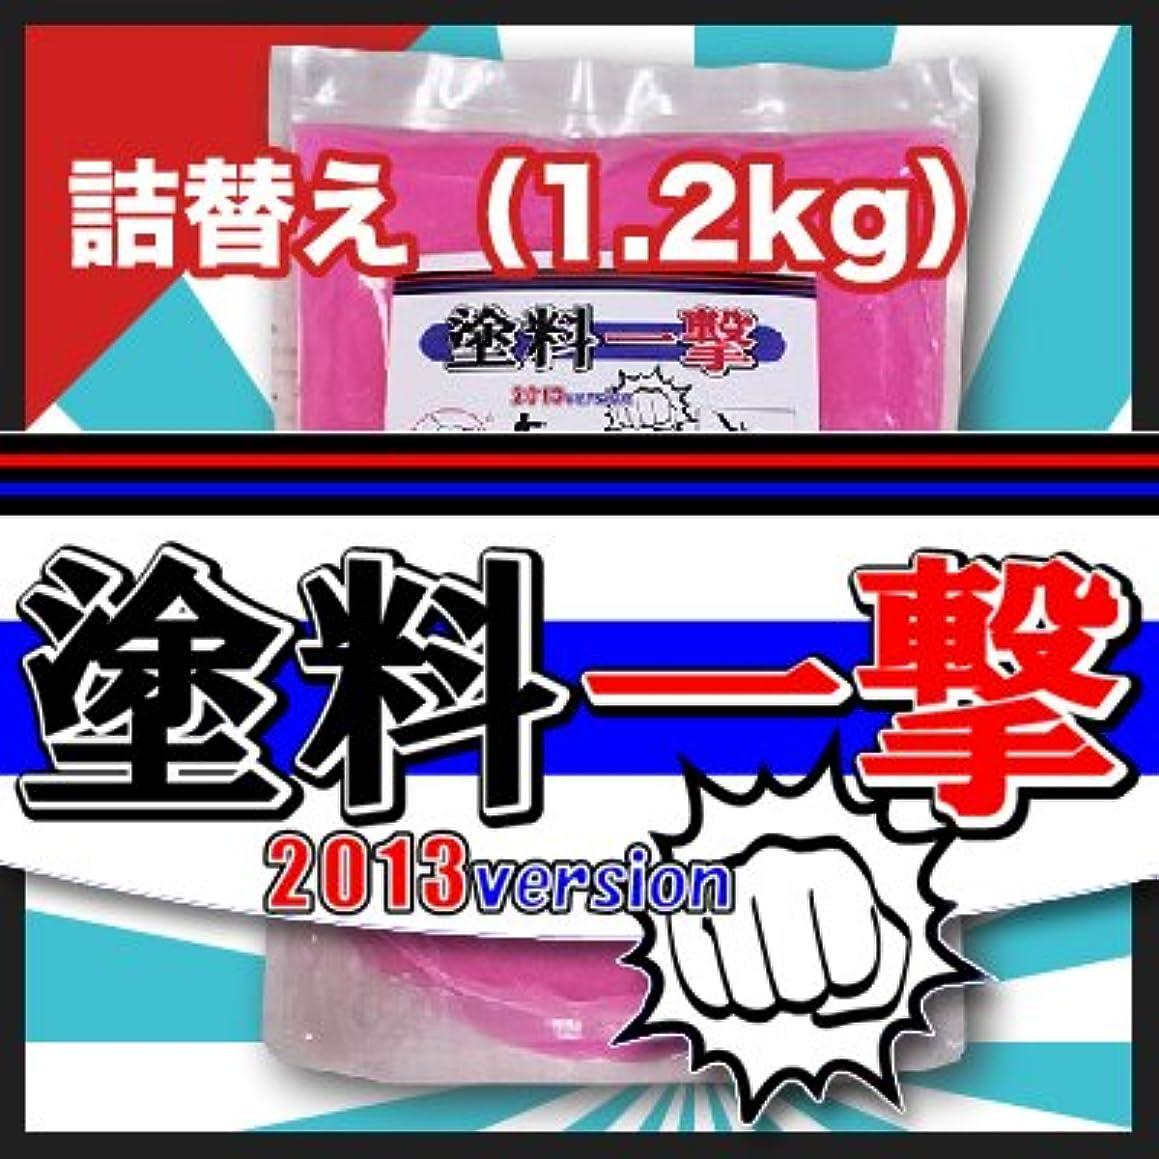 フォアマン半球ジョブD.Iプランニング 塗料一撃 2013 Version 詰め替え (1.2kg)